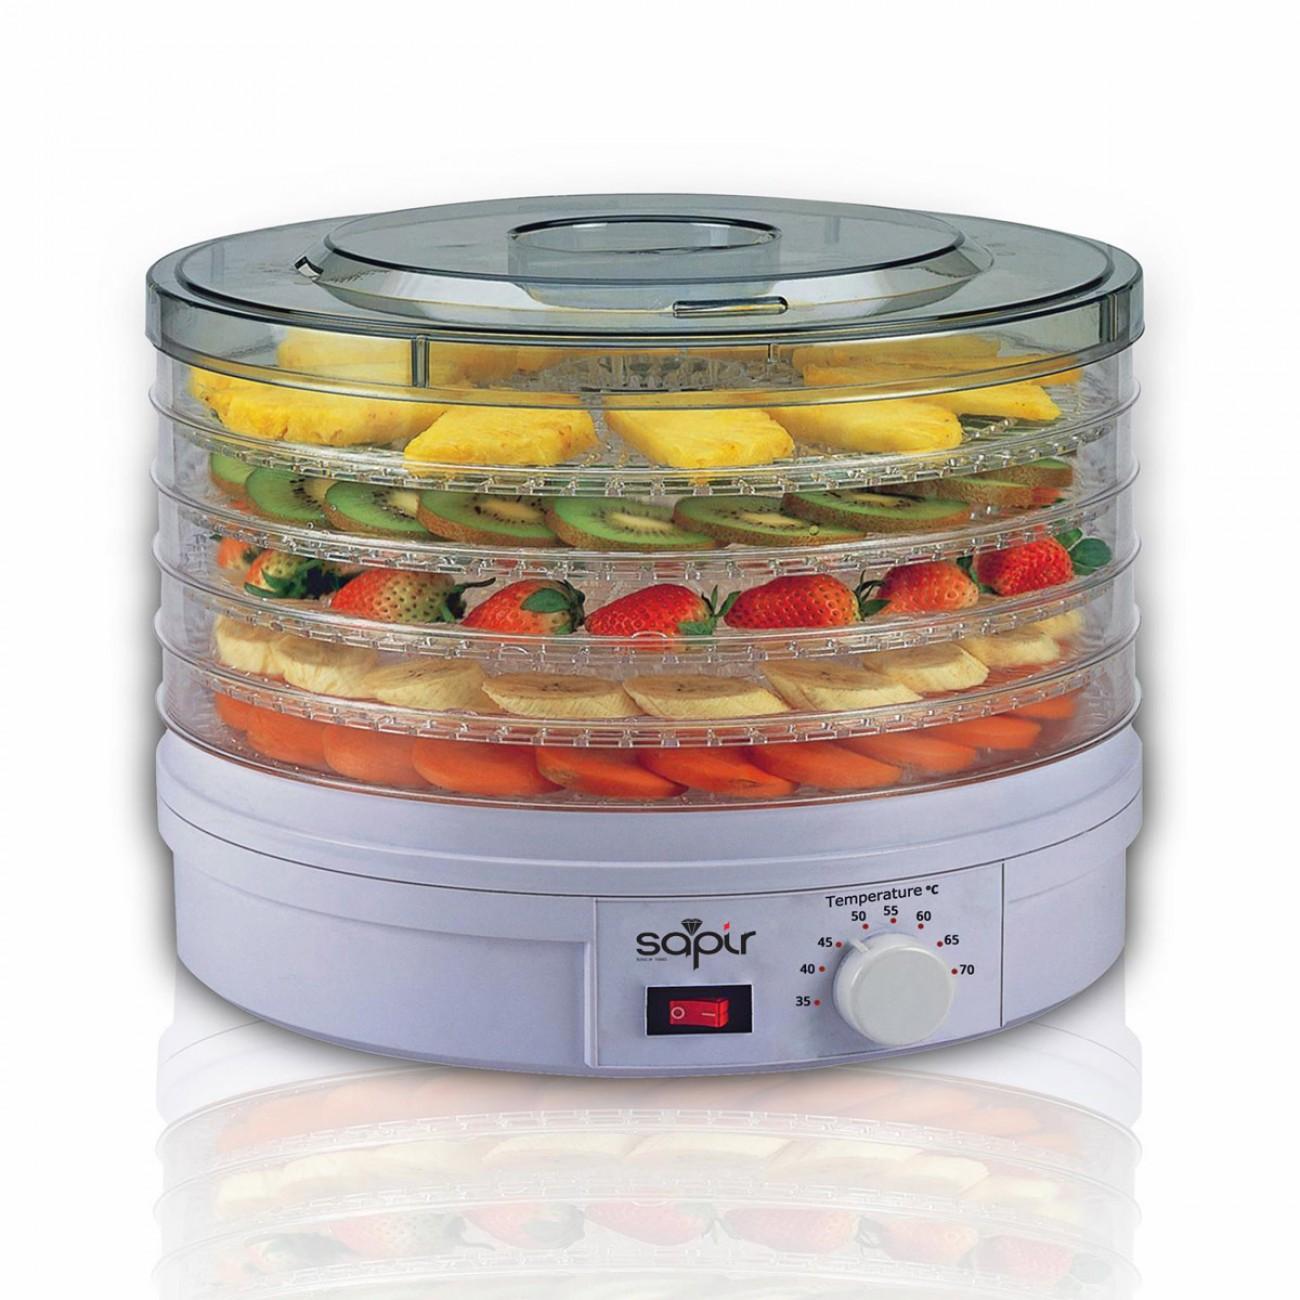 Сушилня за плодове и зеленчуци SAPIR SP 1451 A5, 250W, 35°C-70°C, 5 нива, Подходяща за гъби,месо и билки, Бял в Уреди за сушене - SAPIR | Alleop